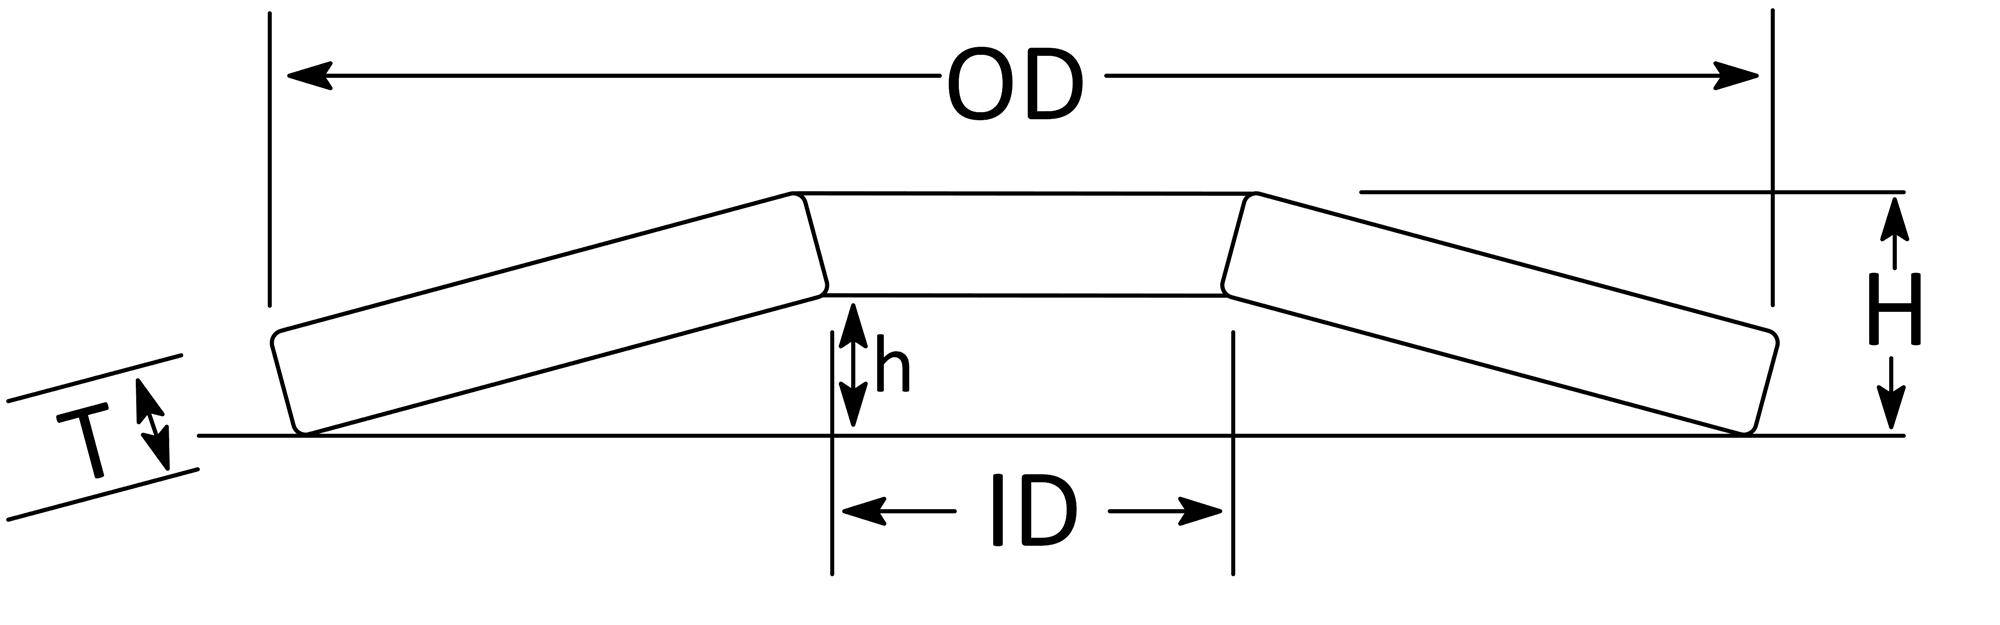 Phosphor Bronze Belleville Washer dimensions